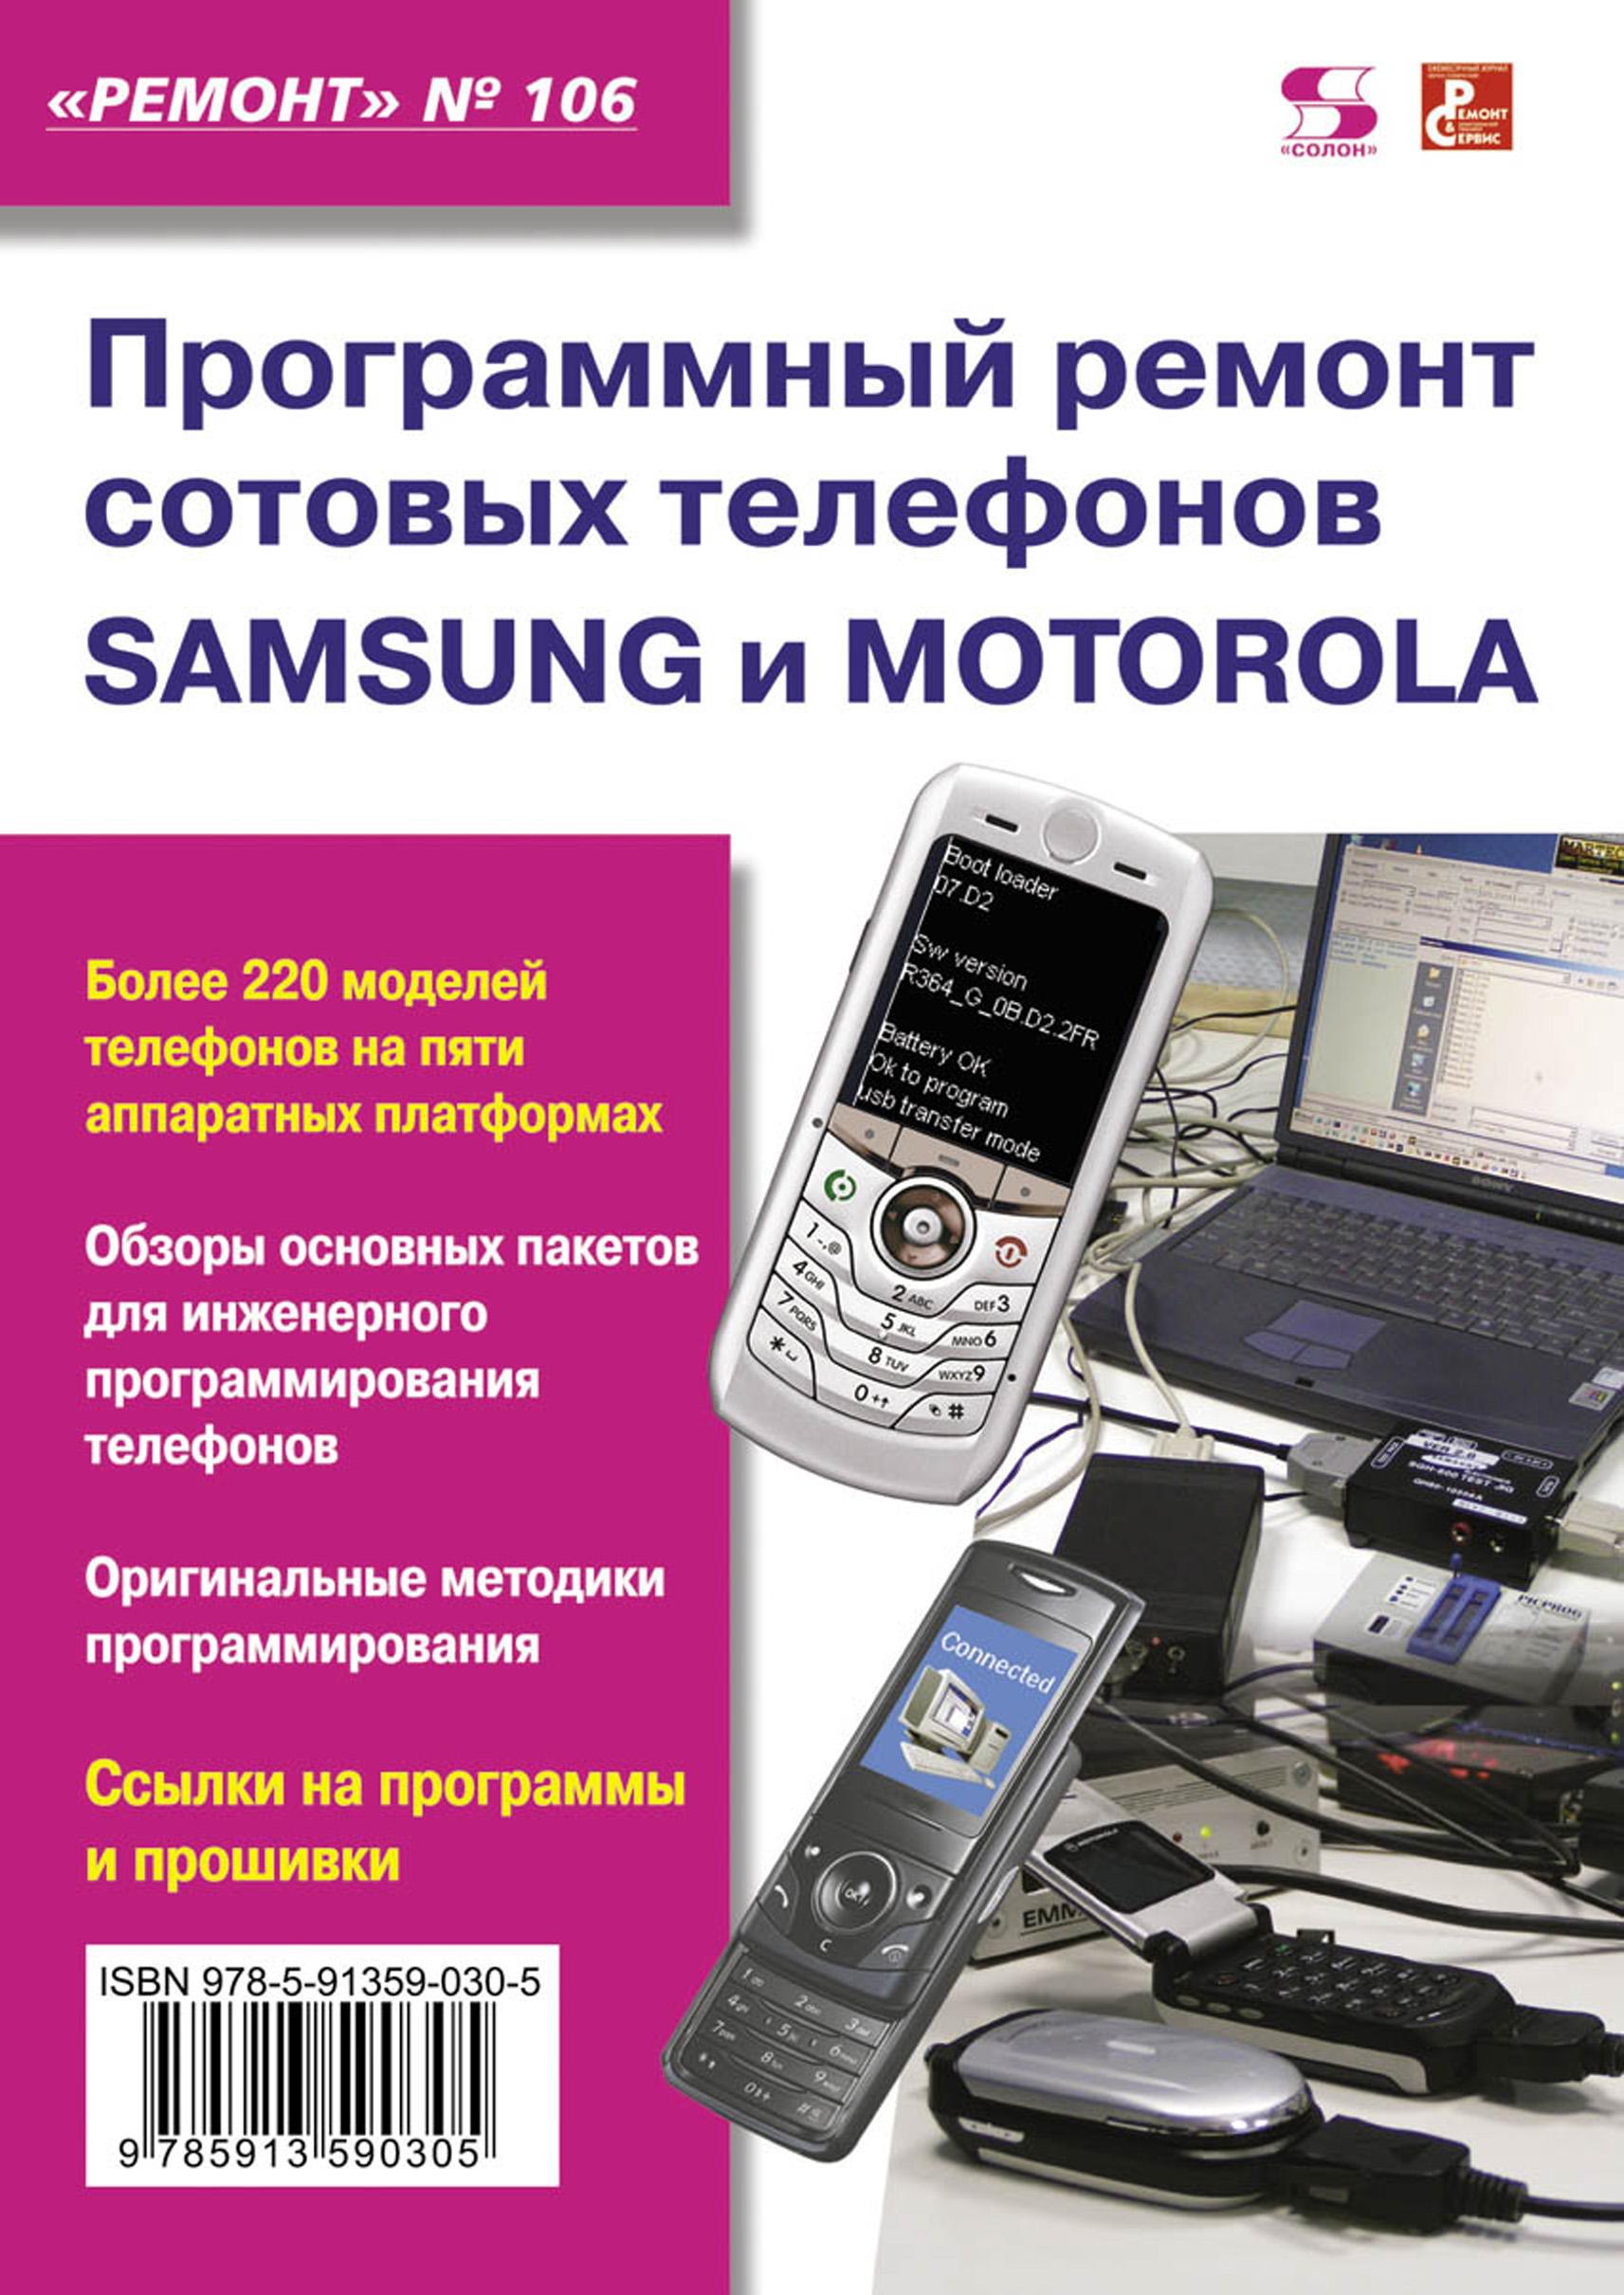 Программный ремонт сотовых телефонов Samsung и Motorola фото